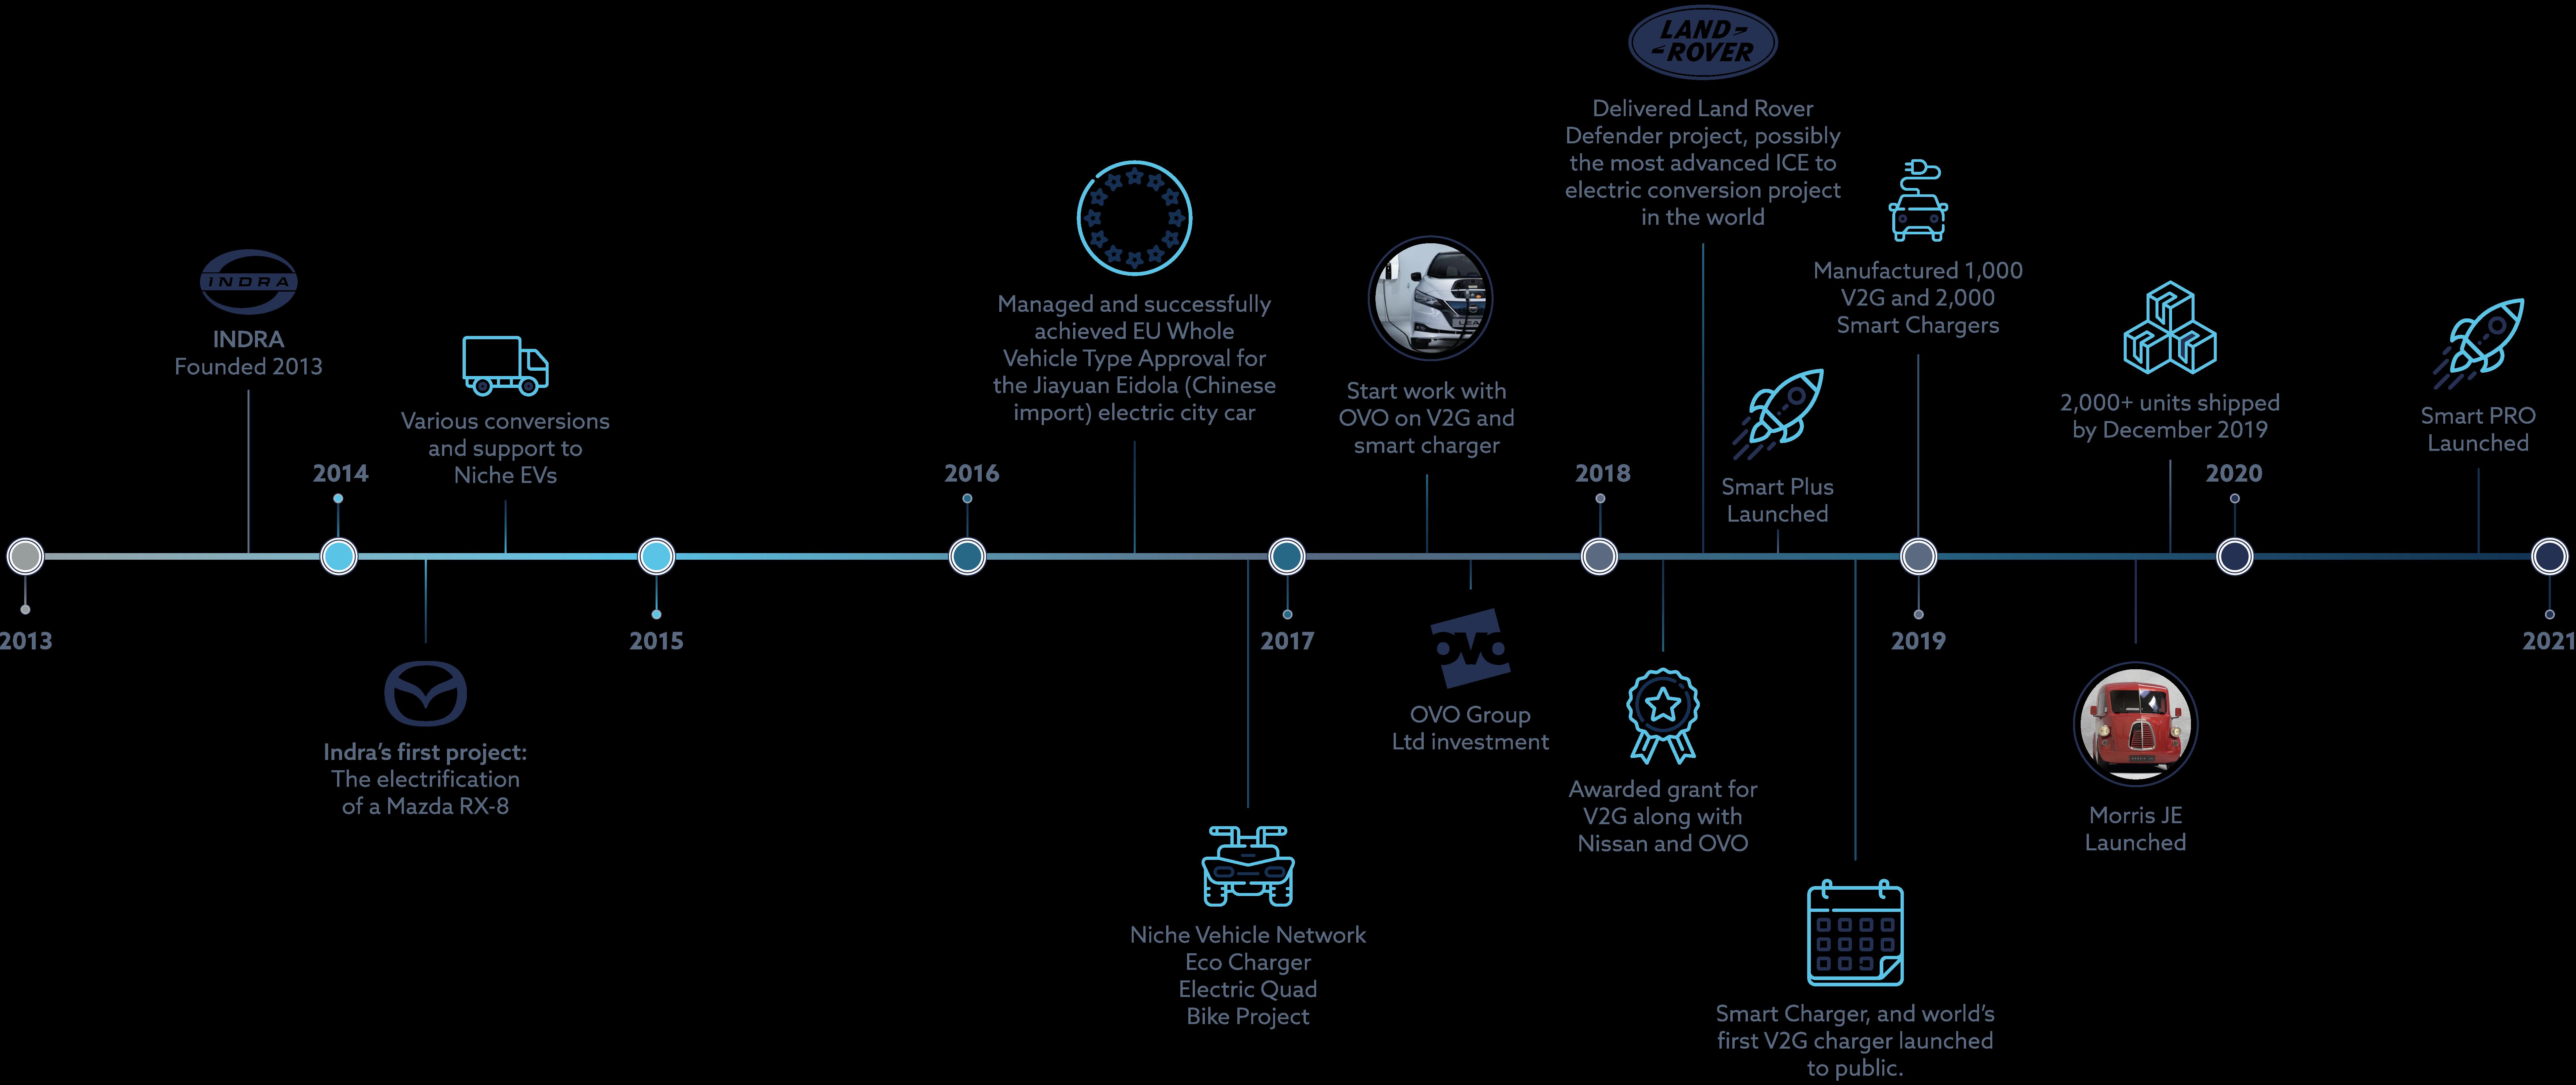 Indra - Timeline Image